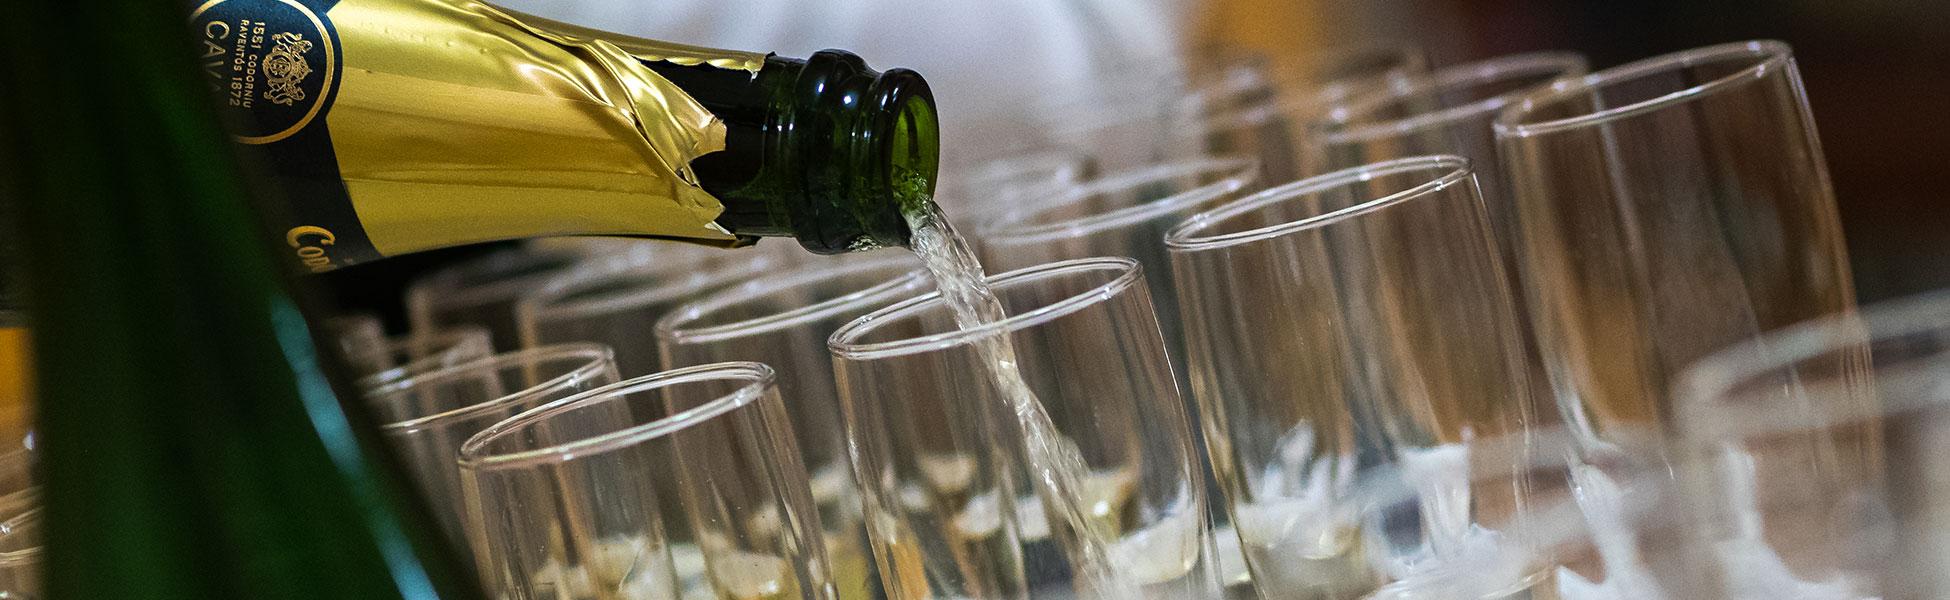 Rippijuhlat, Tarjoilija kaataa kuohuviiniä laseihin.